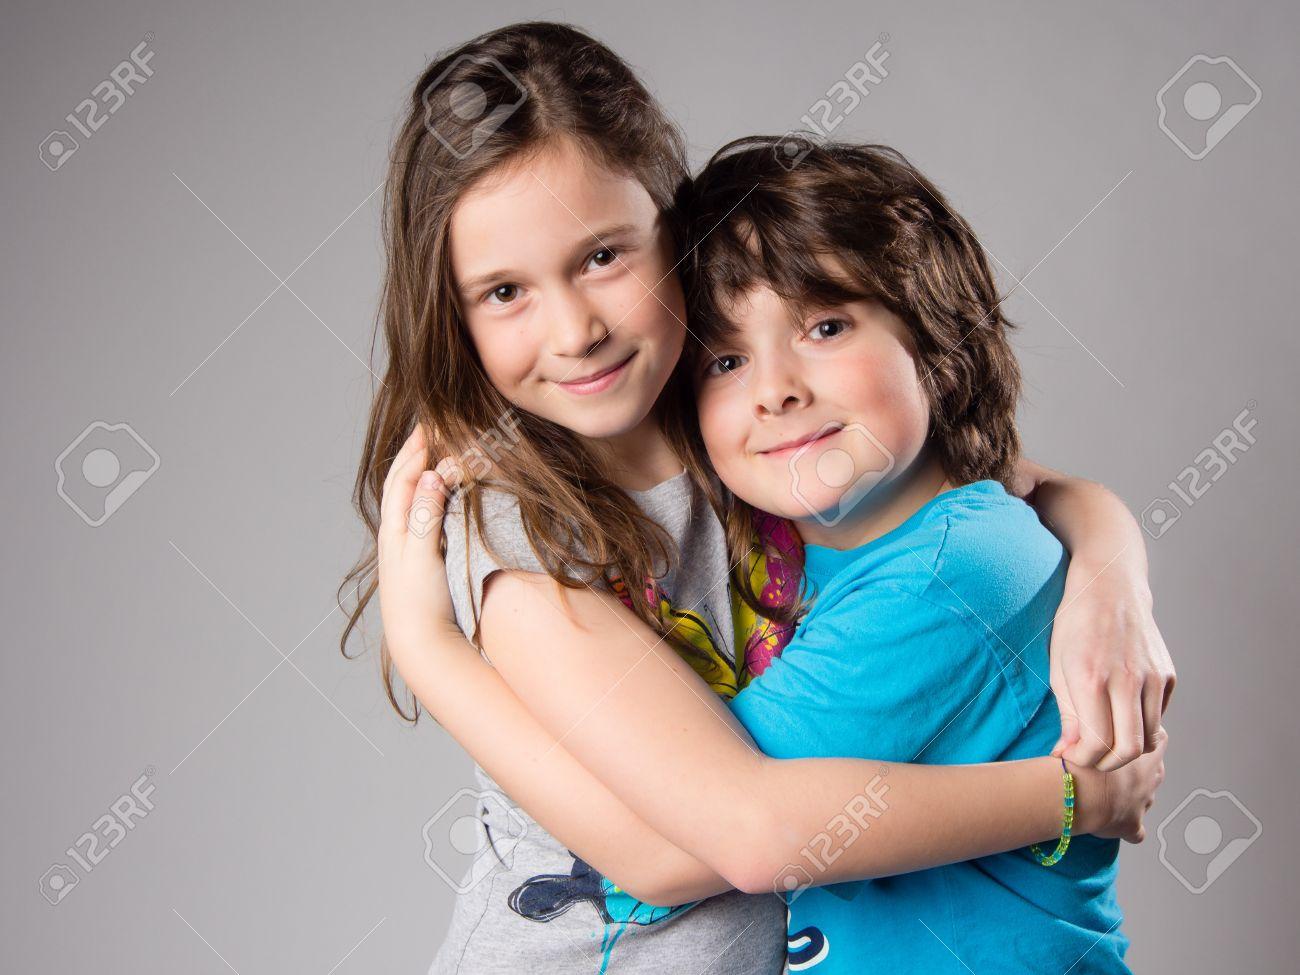 Русский инцесс брат систра, Русский секс брата с сестрой: инцест анальное порно 14 фотография